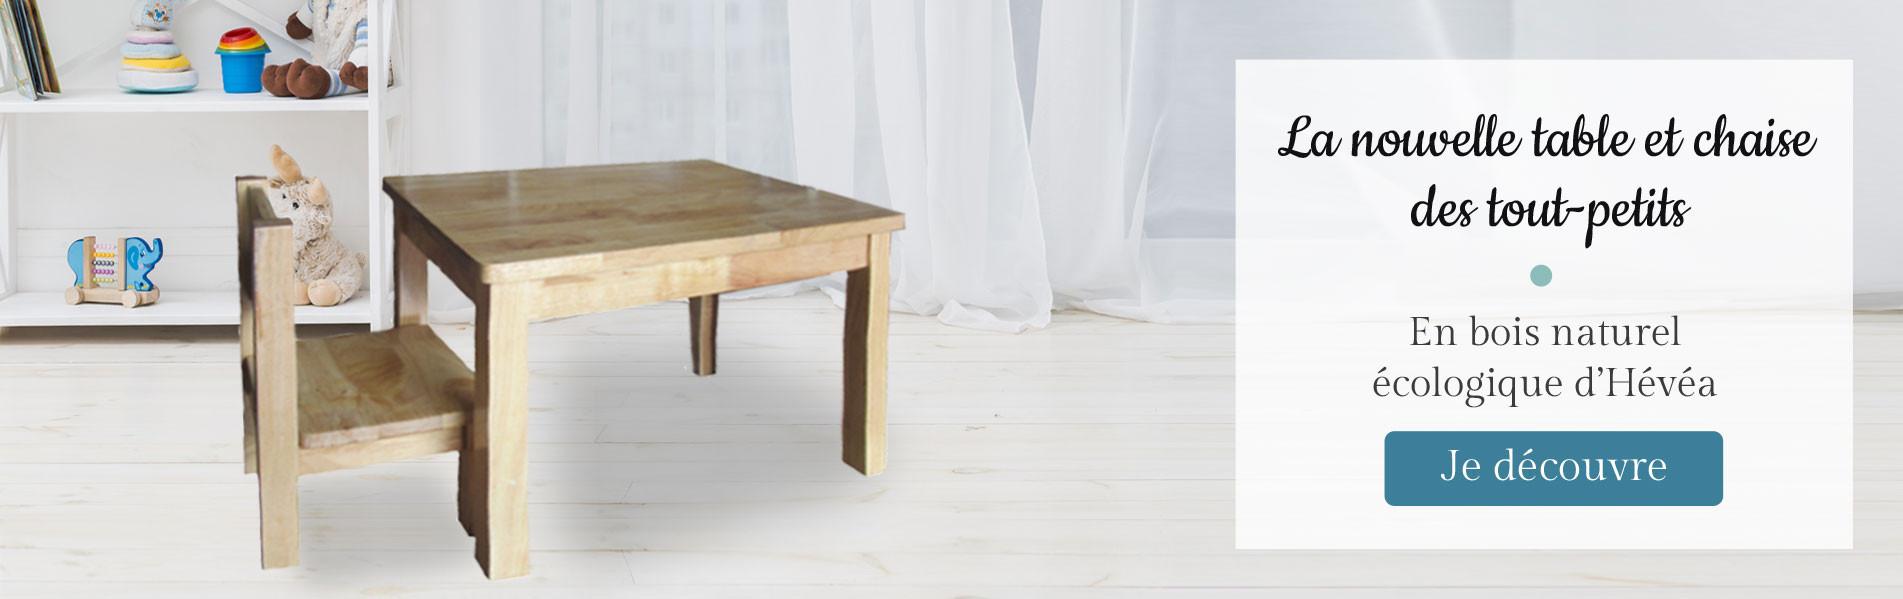 Découvrez notre nouveau mobilier bois